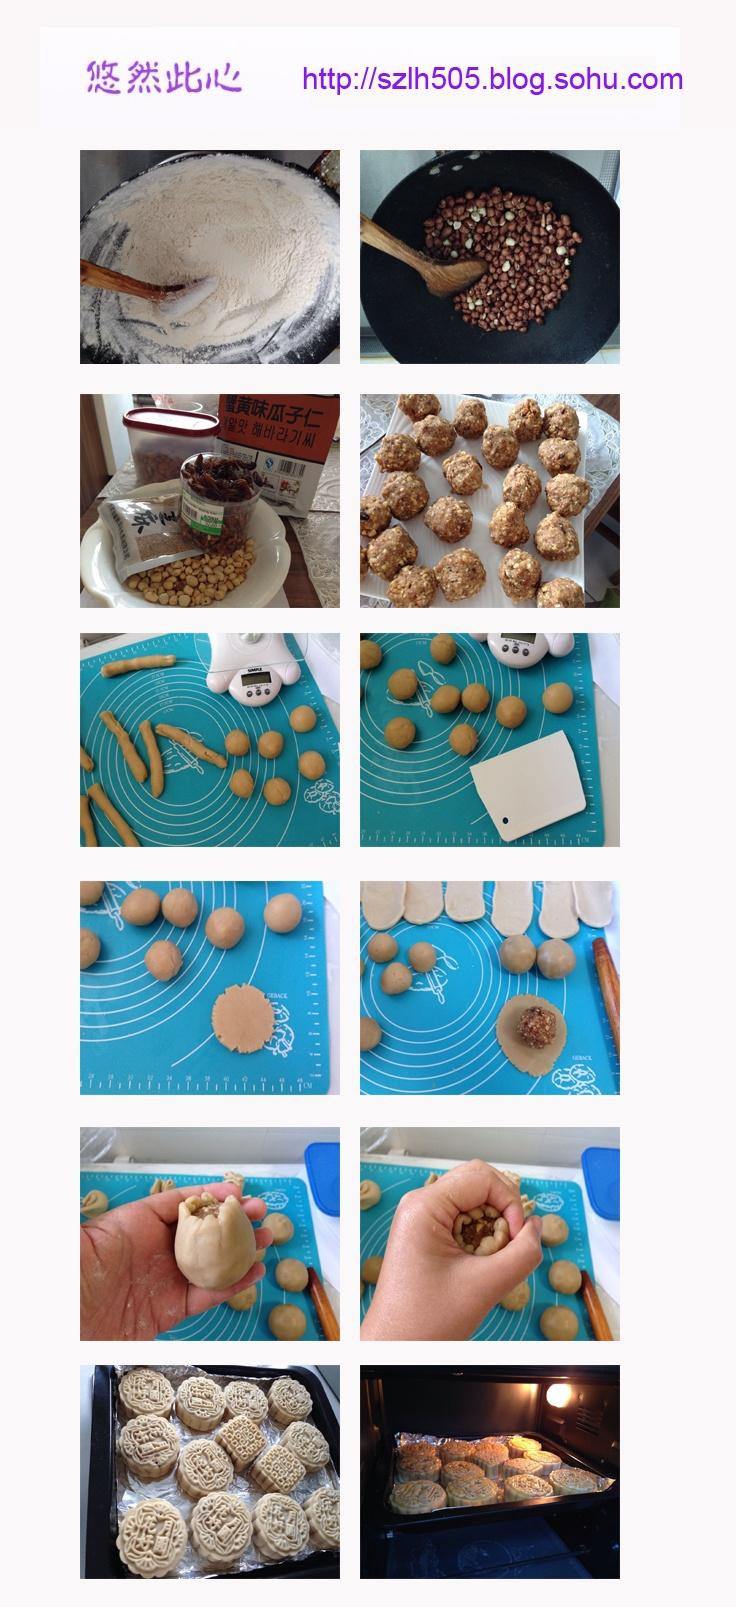 五仁月饼的两种家常做法:广式和酥皮 - 慢美食 - 慢 美 食